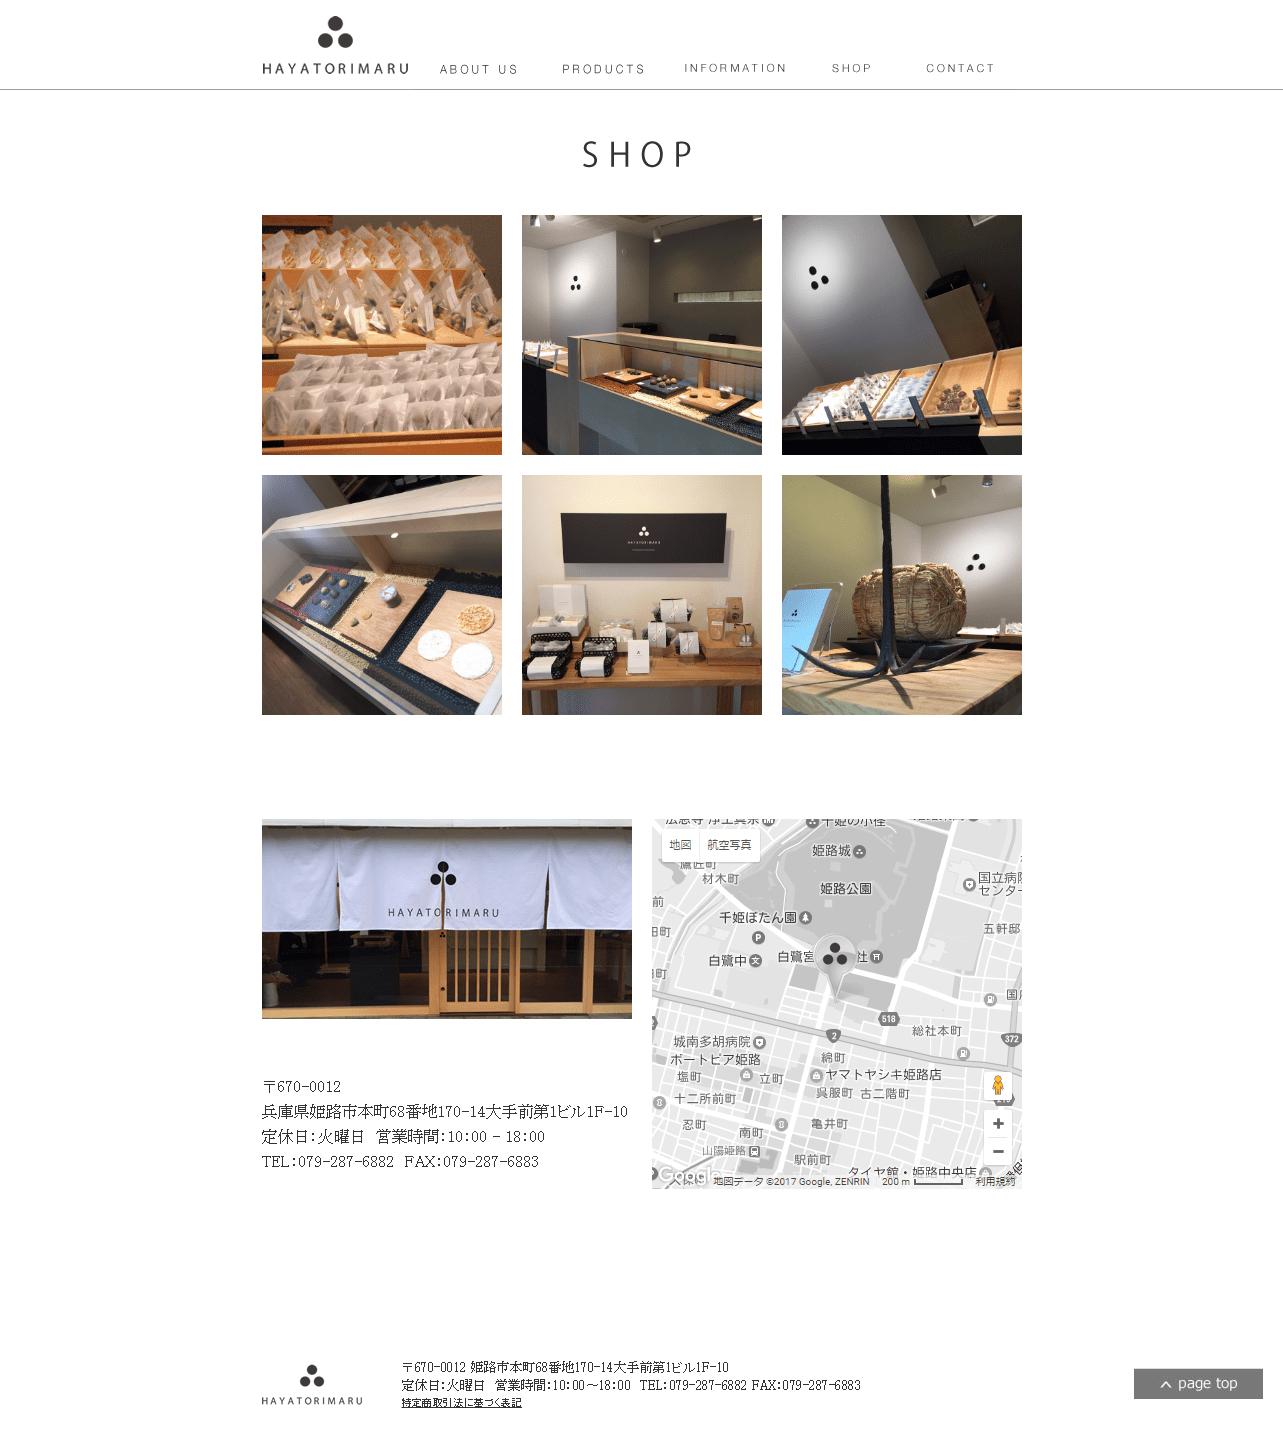 姫路市 HAYATORIMARU様 ホームページ制作2